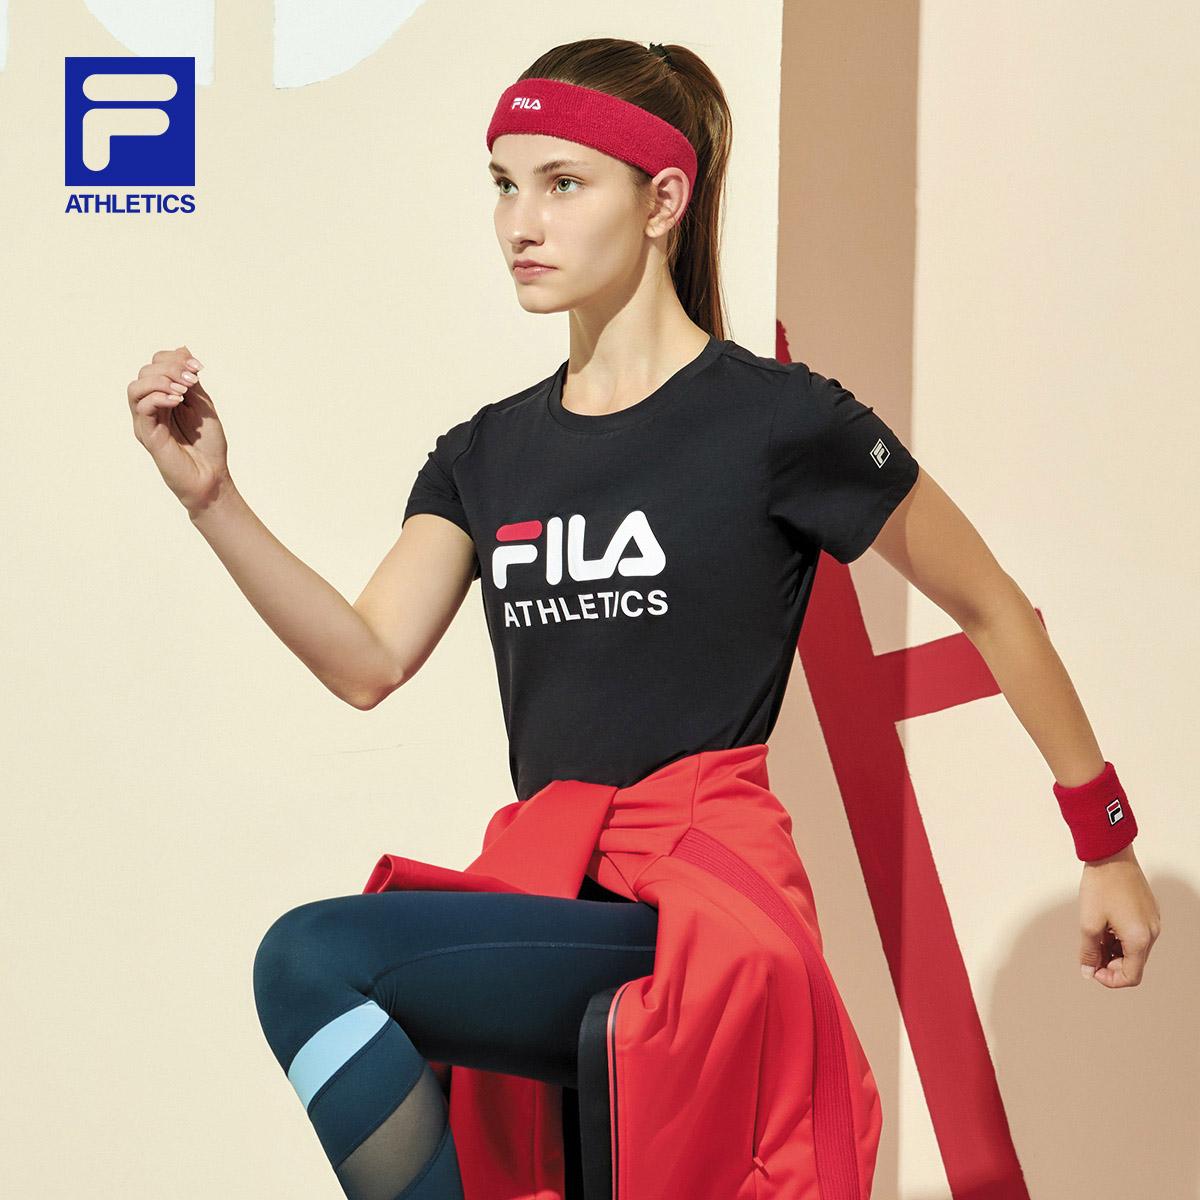 FILA 斐乐官方 女子短袖T恤 2020春季新款时尚运动T恤上衣